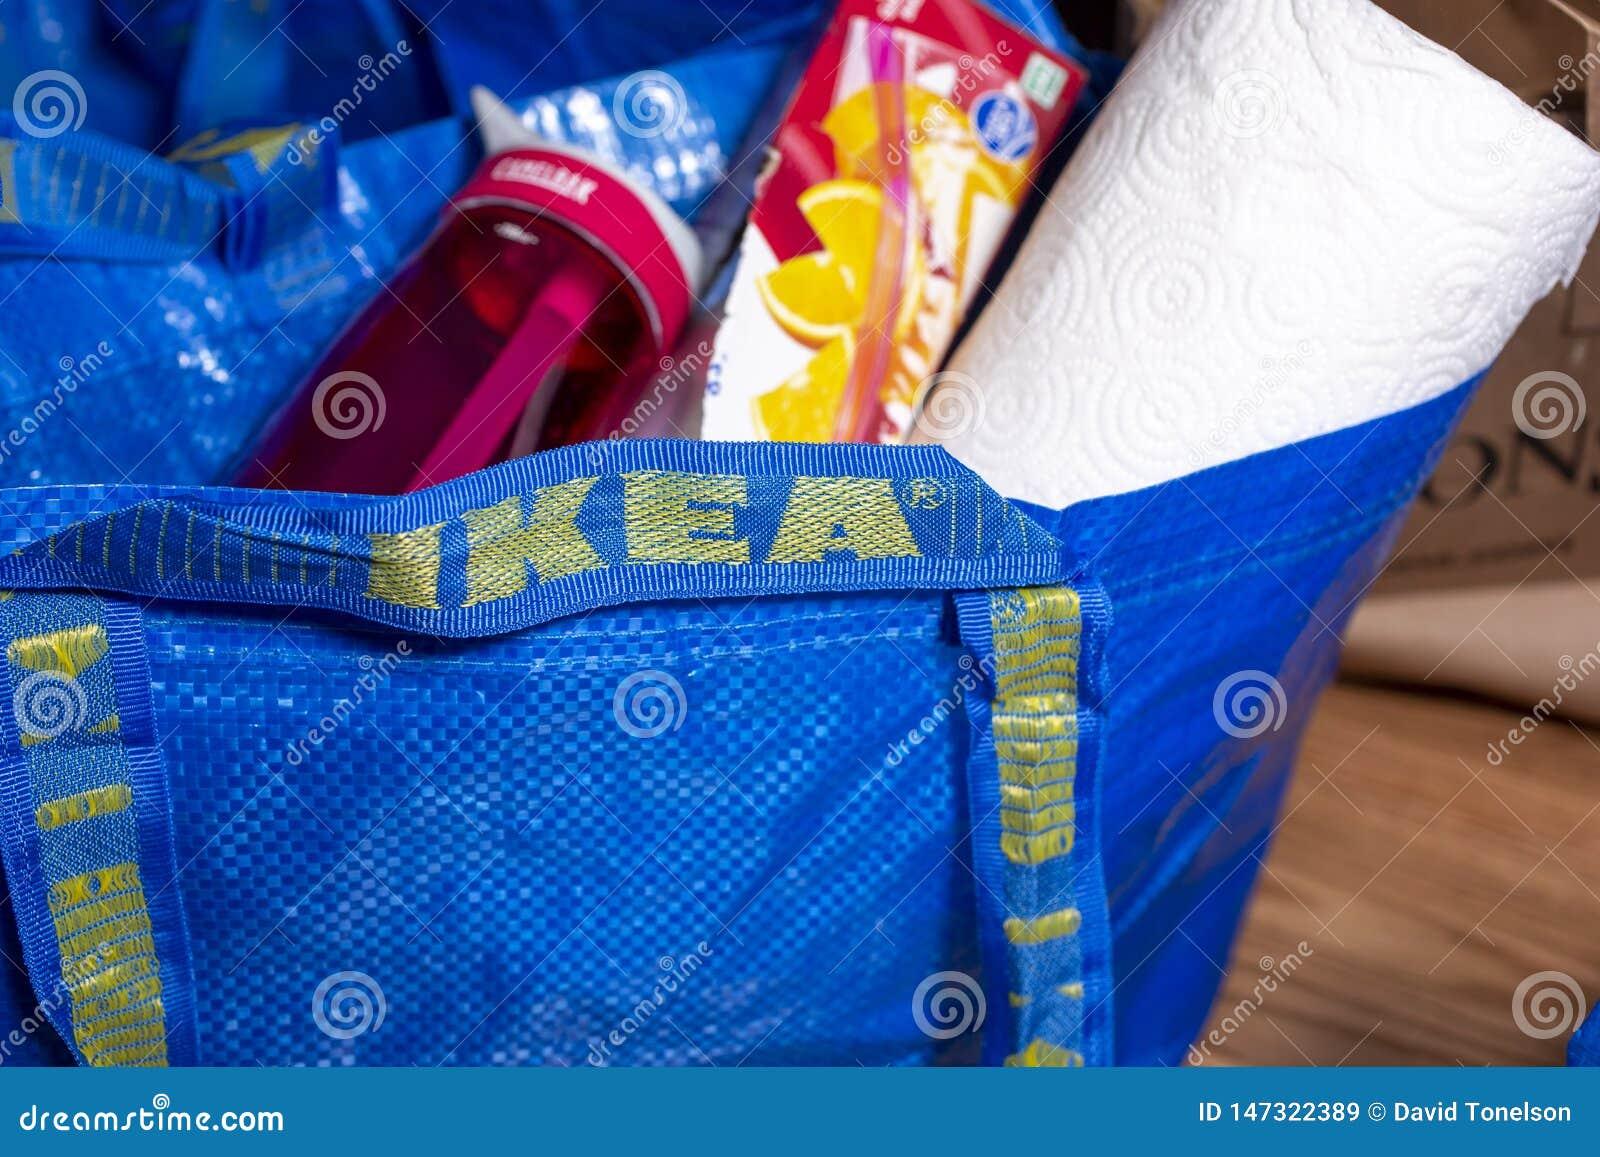 An Ikea blue bag with stuff